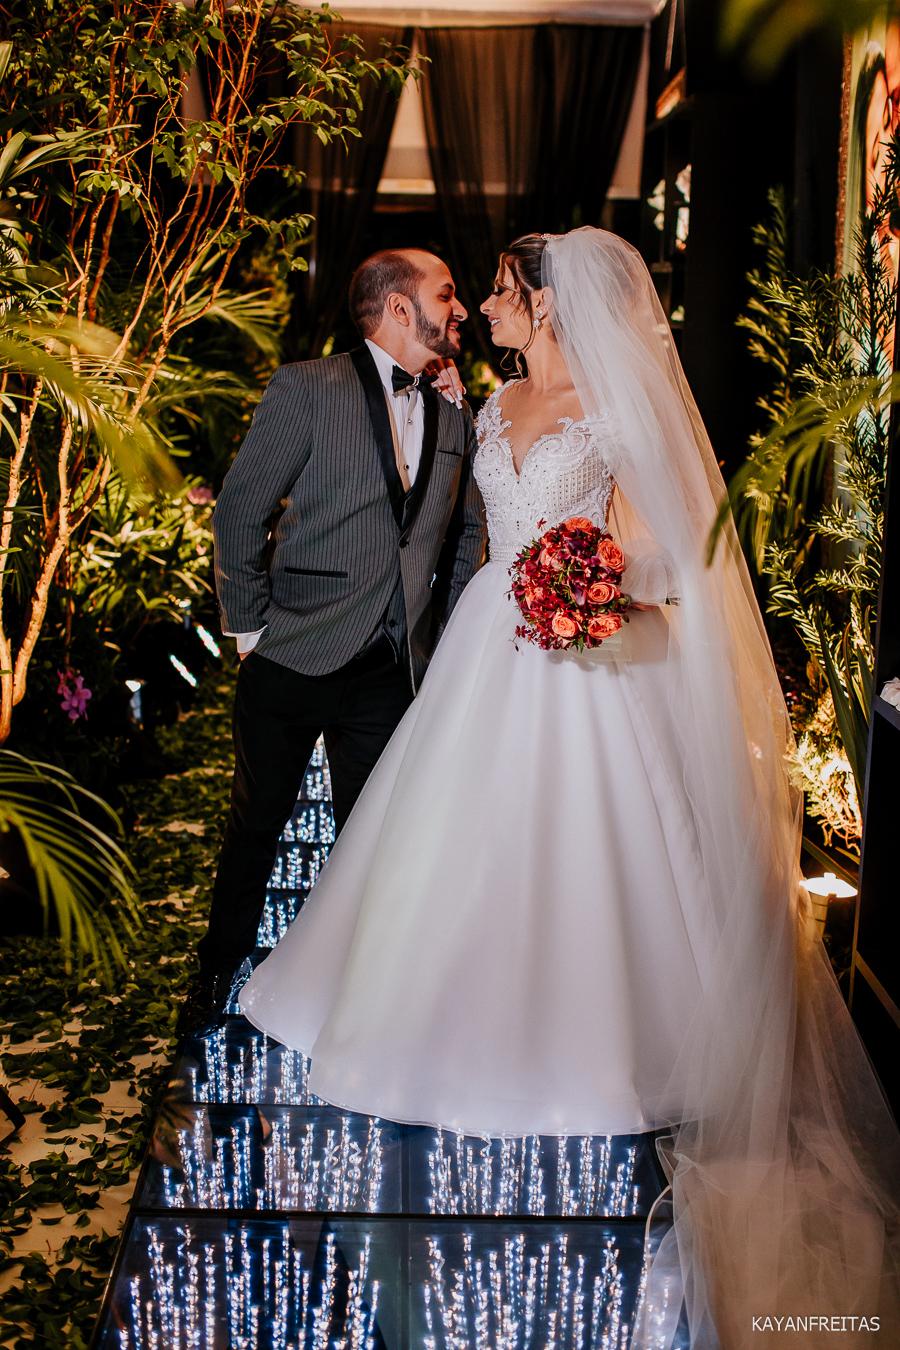 fotografo-casamento-santoamaro-daidiogo-0083 Casamento Daiara e Diogo - Santo Amaro da Imperatriz